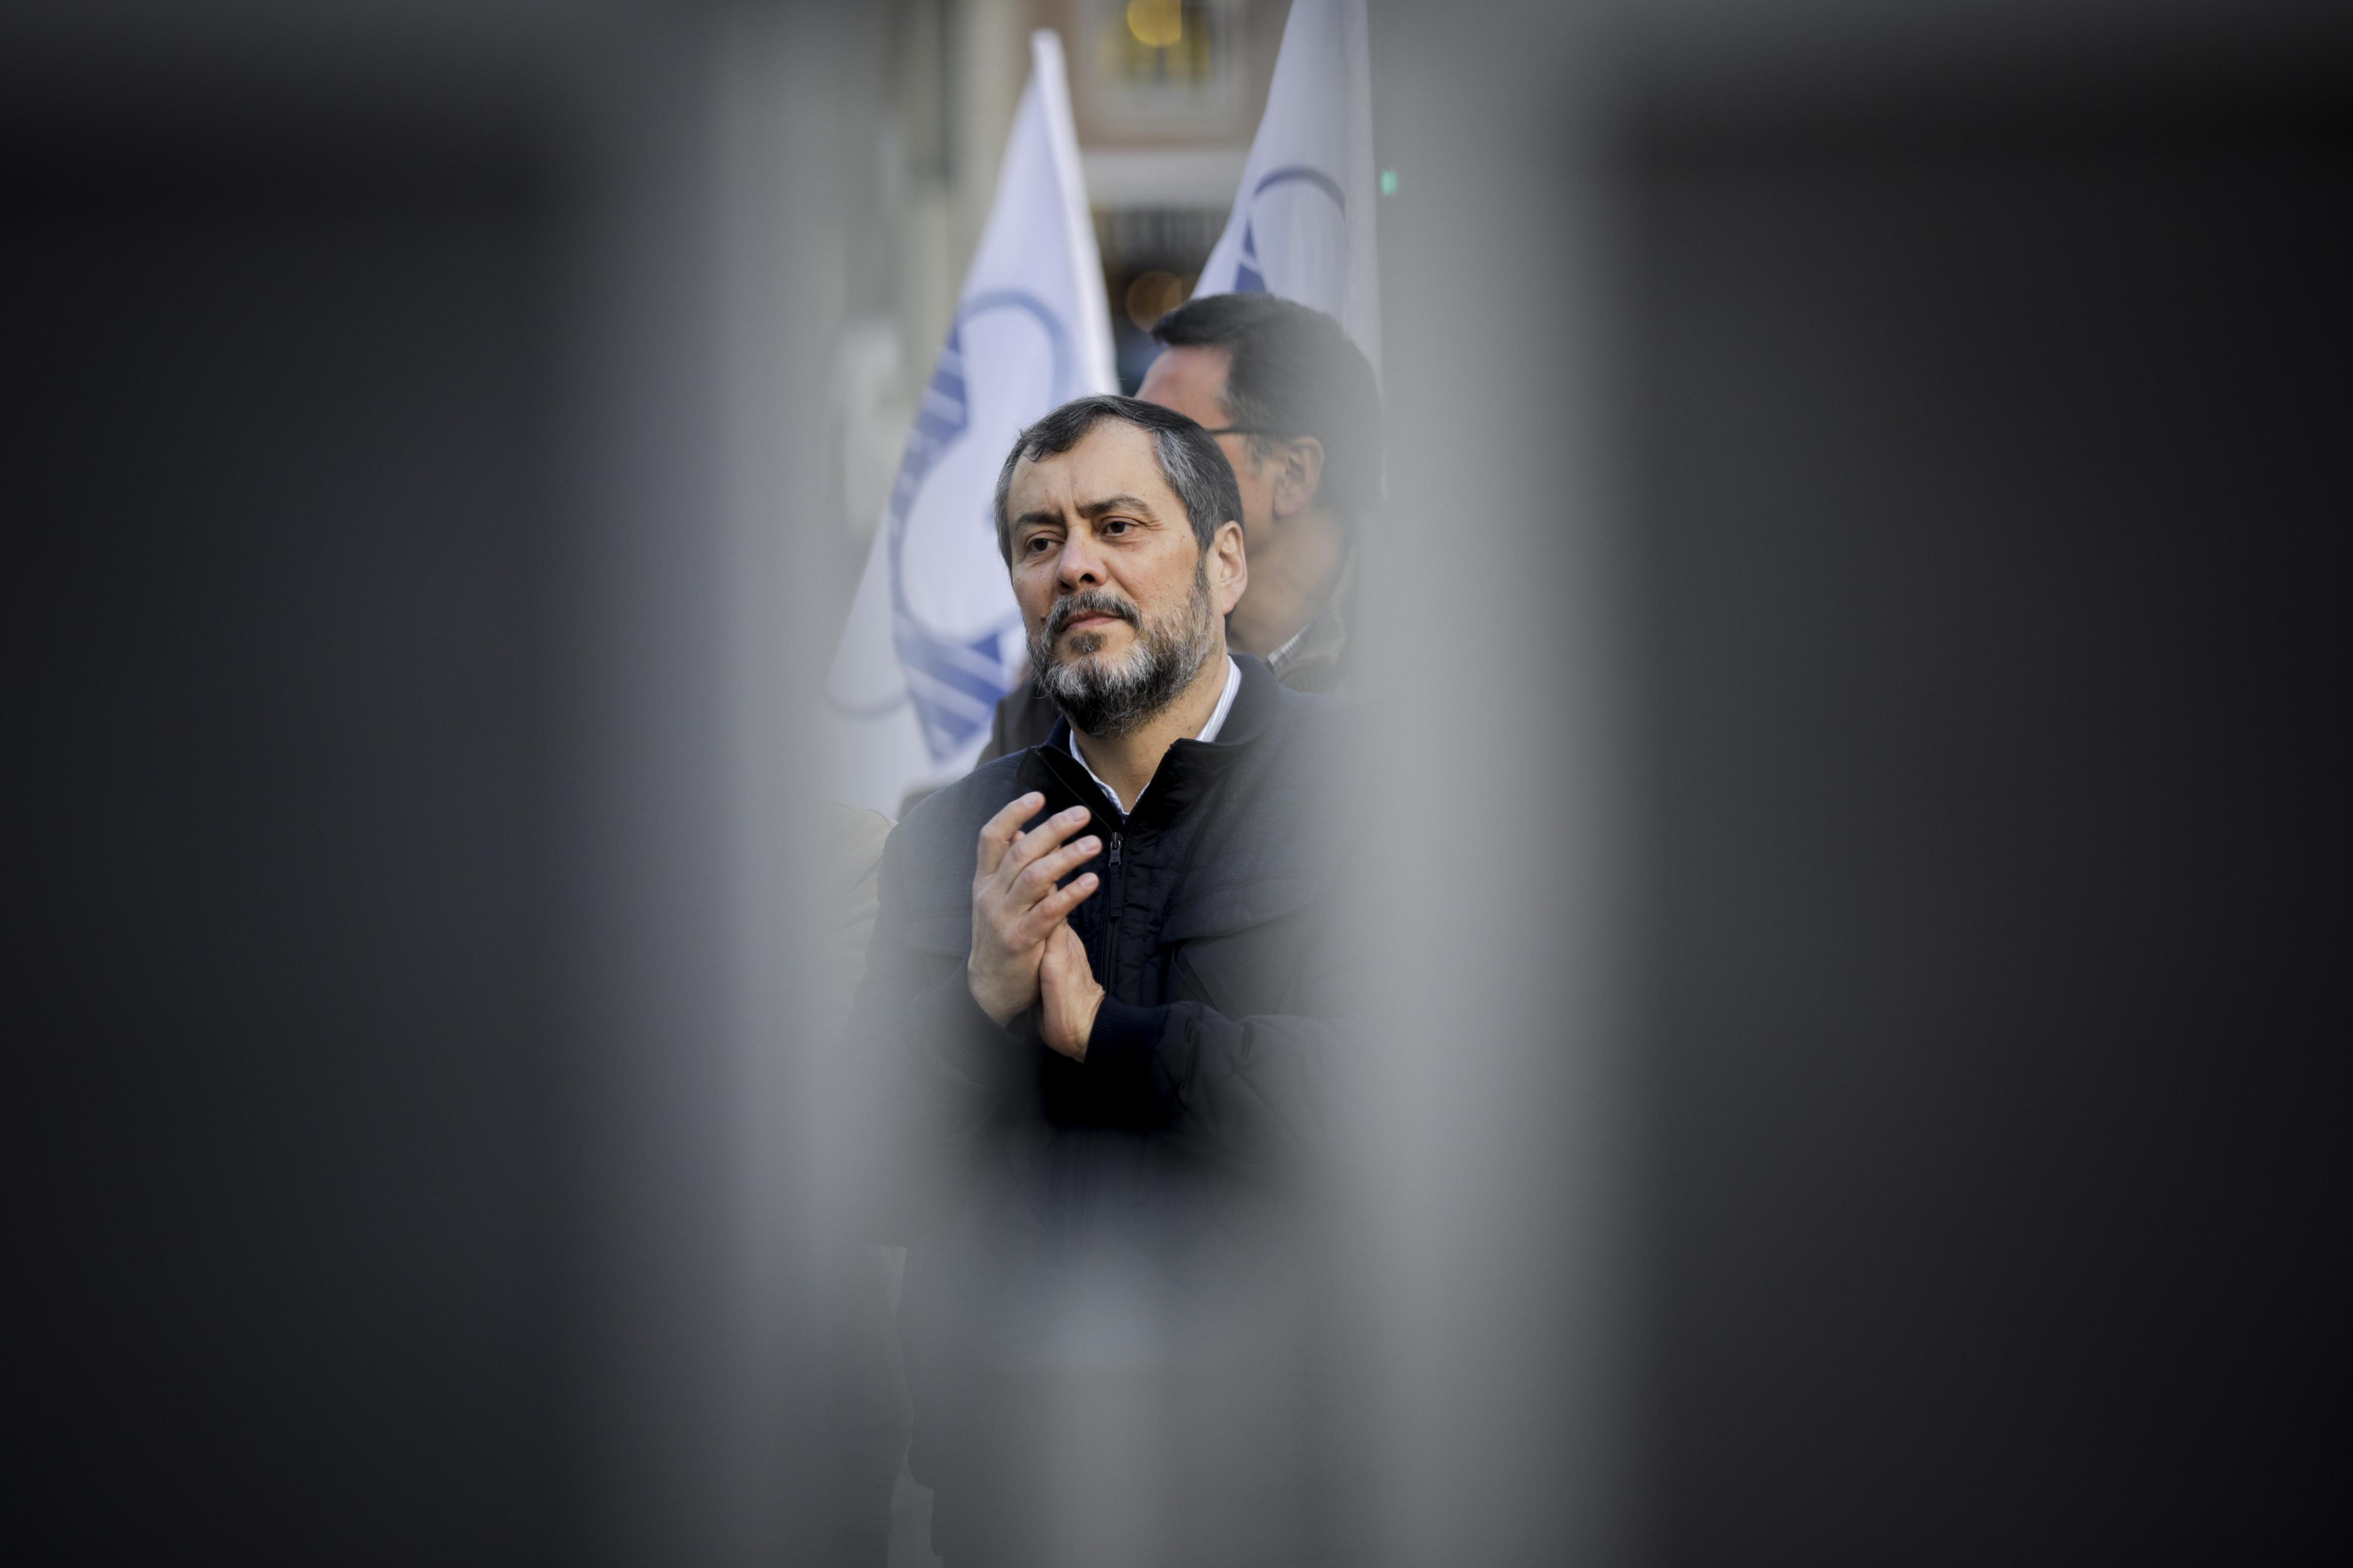 """Fenprof acusa Governo de estar """"refém das reitorias"""" no caso dos precários"""